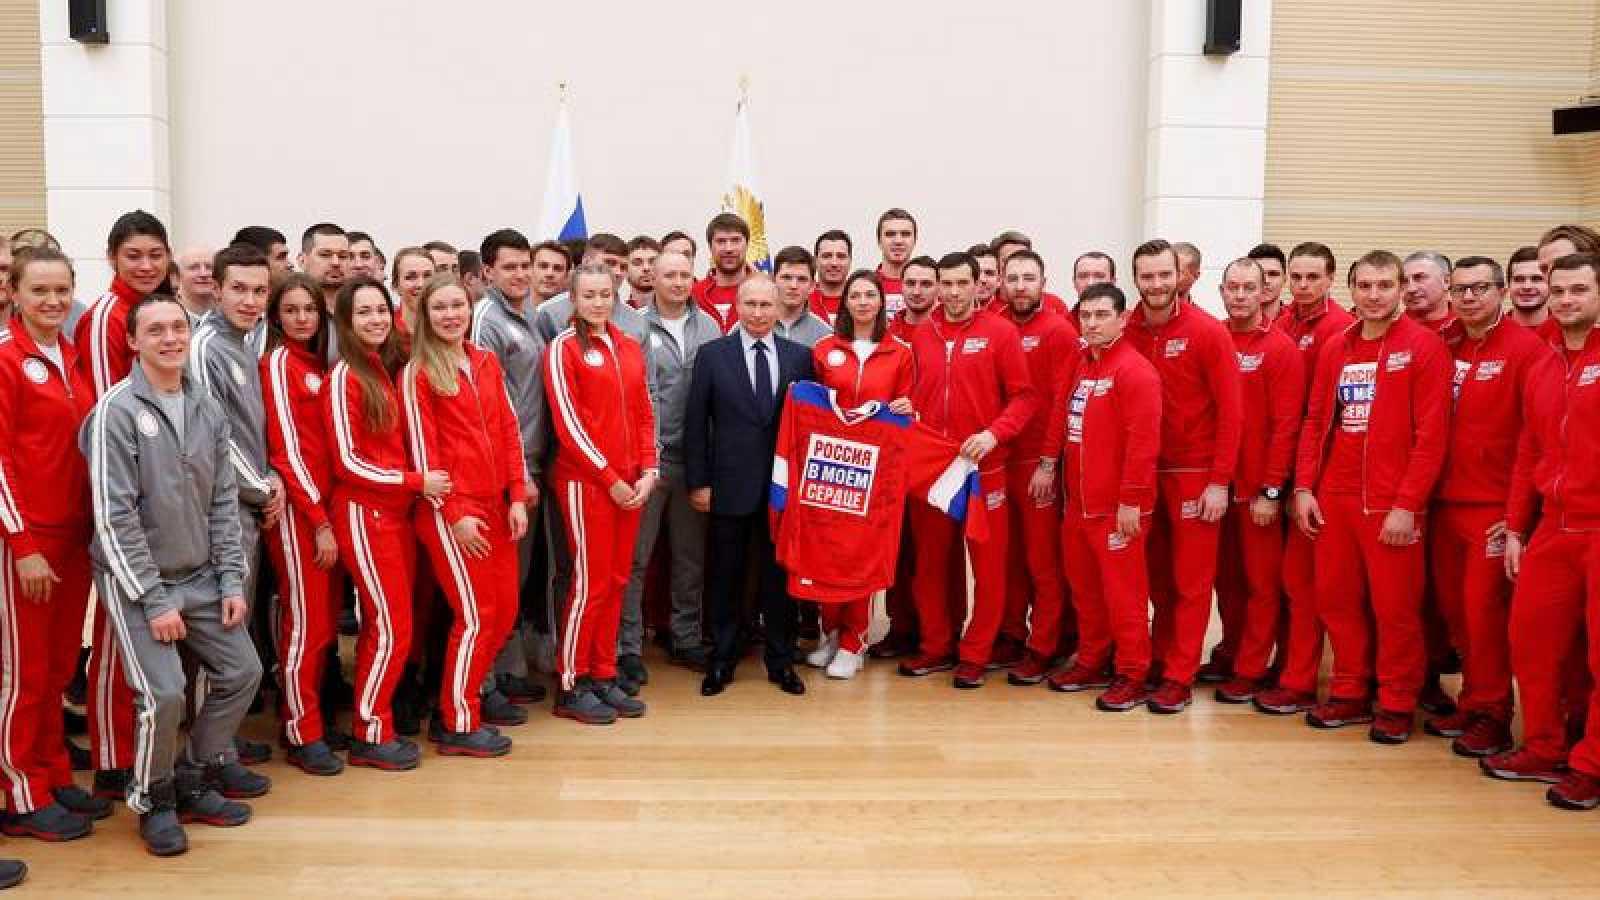 Rusia participará en la ceremonia de apertura con unos 70 deportistas